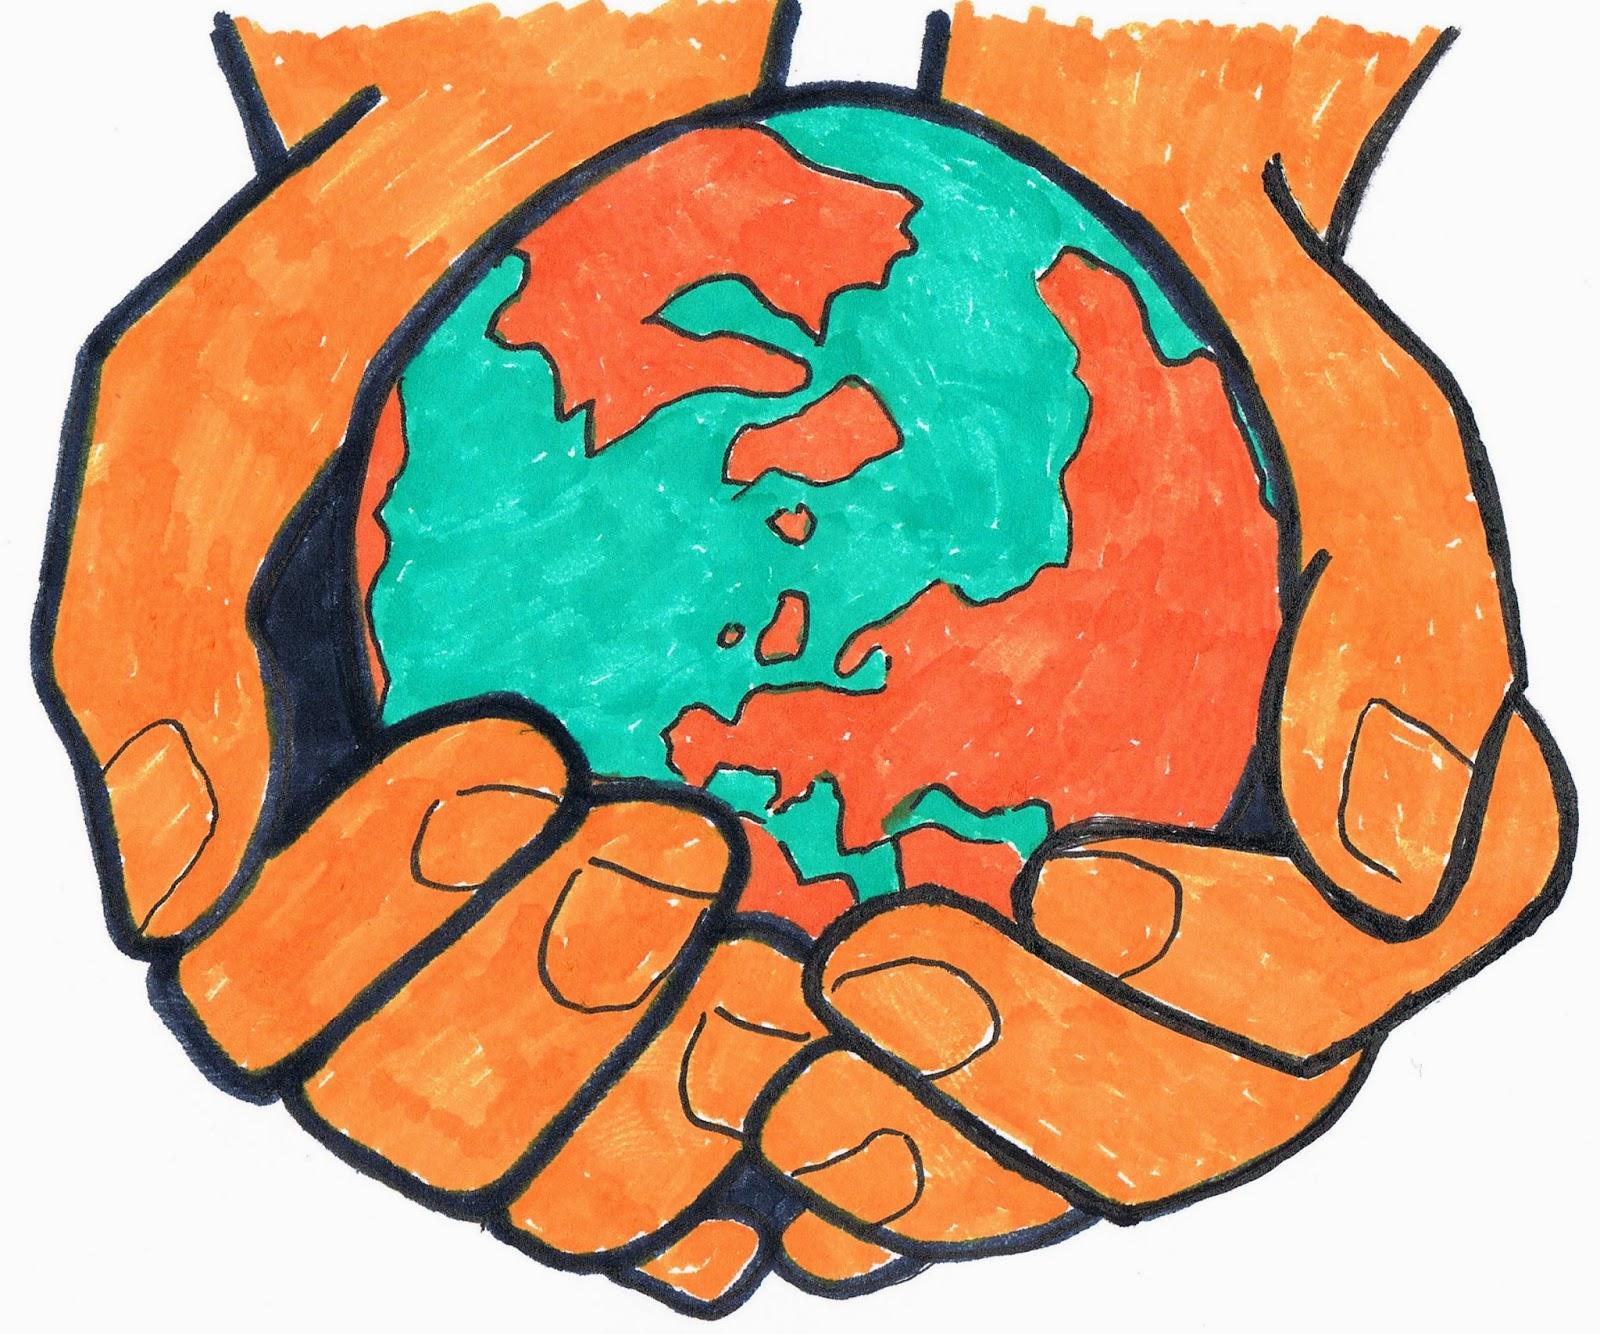 El Greenwashing o cómo engañar con el medio ambiente.